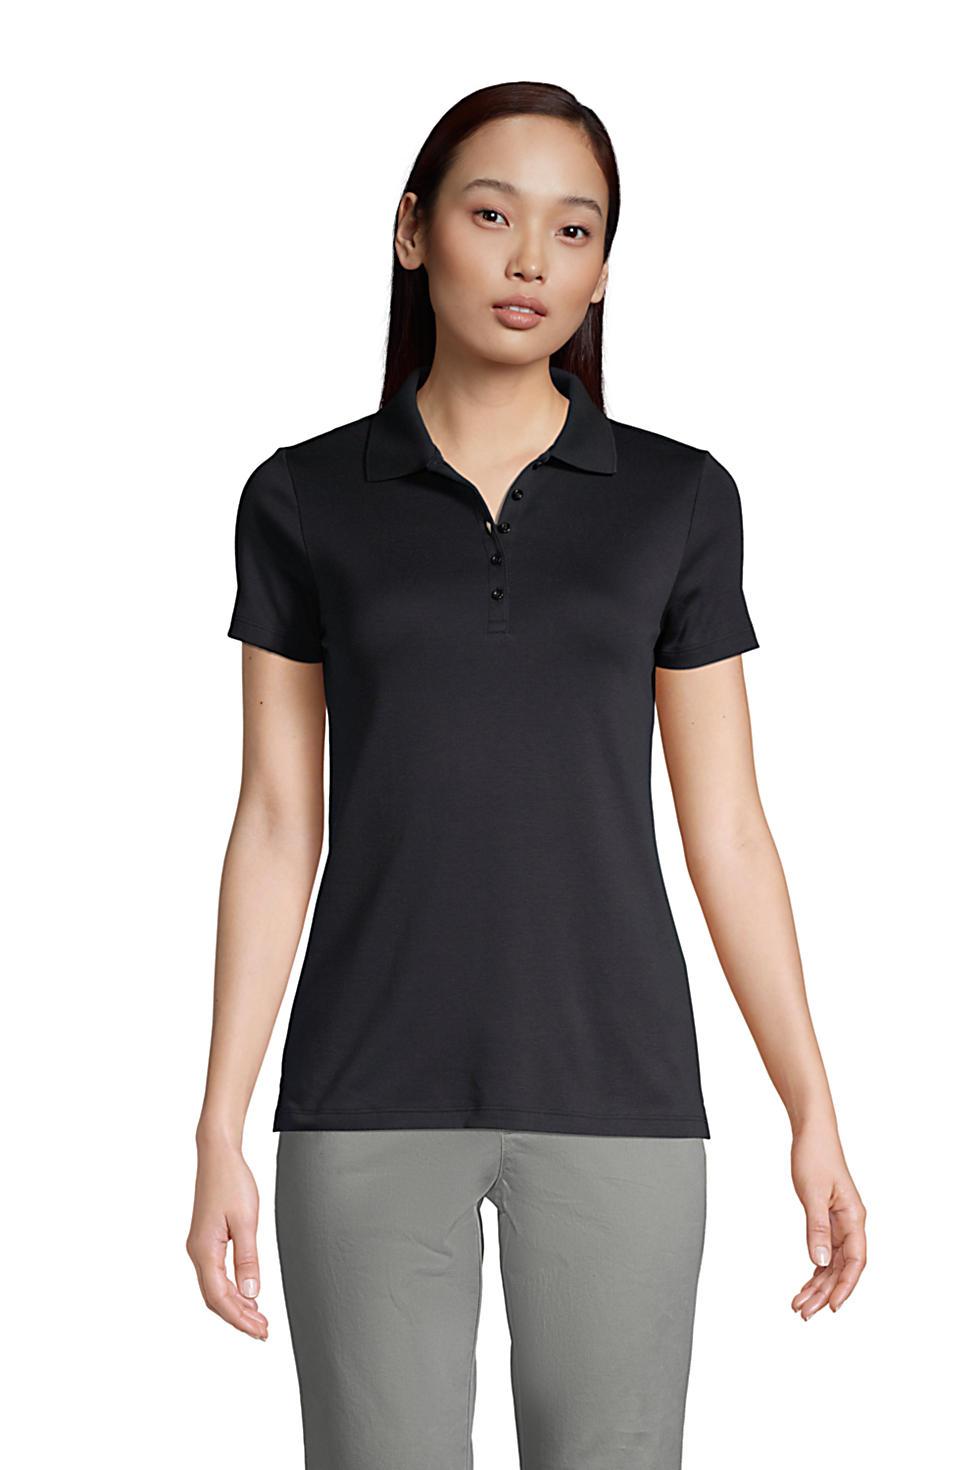 Women's Tall Polo Shirts, Golf Shirt Womens Tall | Lands' End